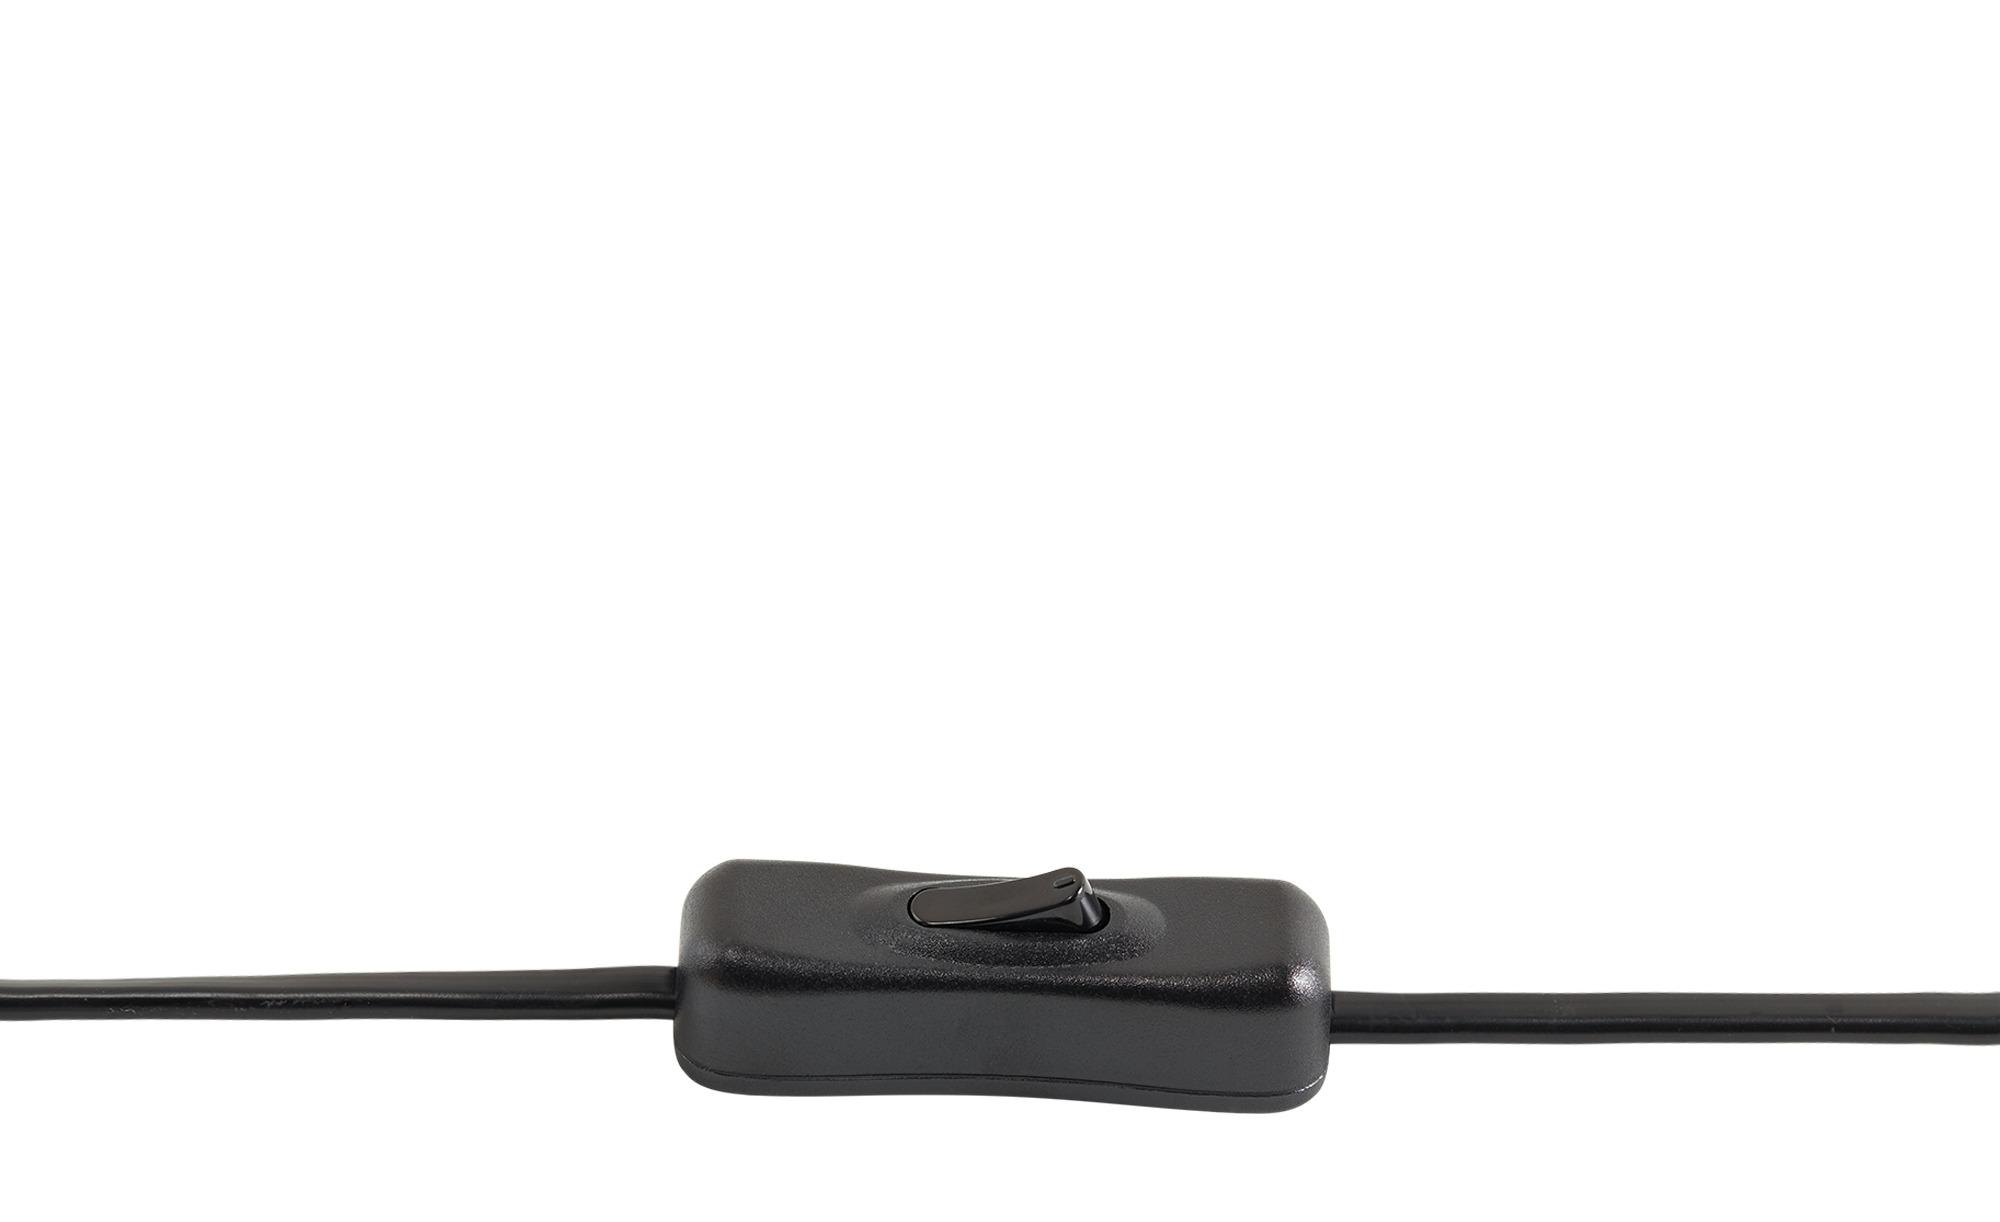 Tischleuchte, 1-flammig, Metall schwarz ¦ schwarz ¦ Maße (cm): H: 28 Ø: 23 Lampen & Leuchten > Innenleuchten > Tischlampen - Höffner